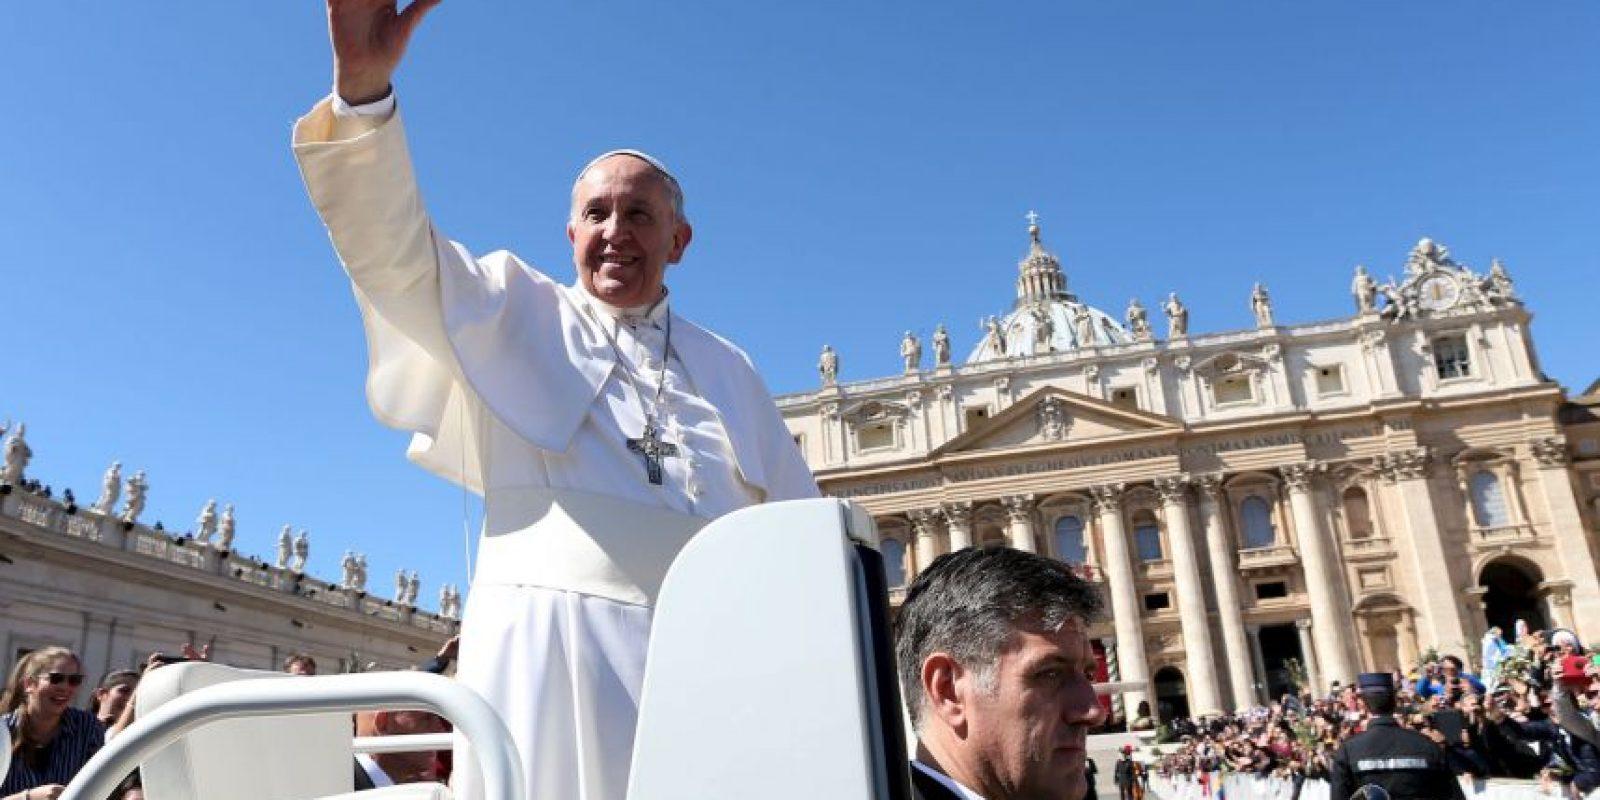 Fue elegido el 13 de marzo, como jefe de Estado de la ciudad del Vaticano. Foto:Getty Images